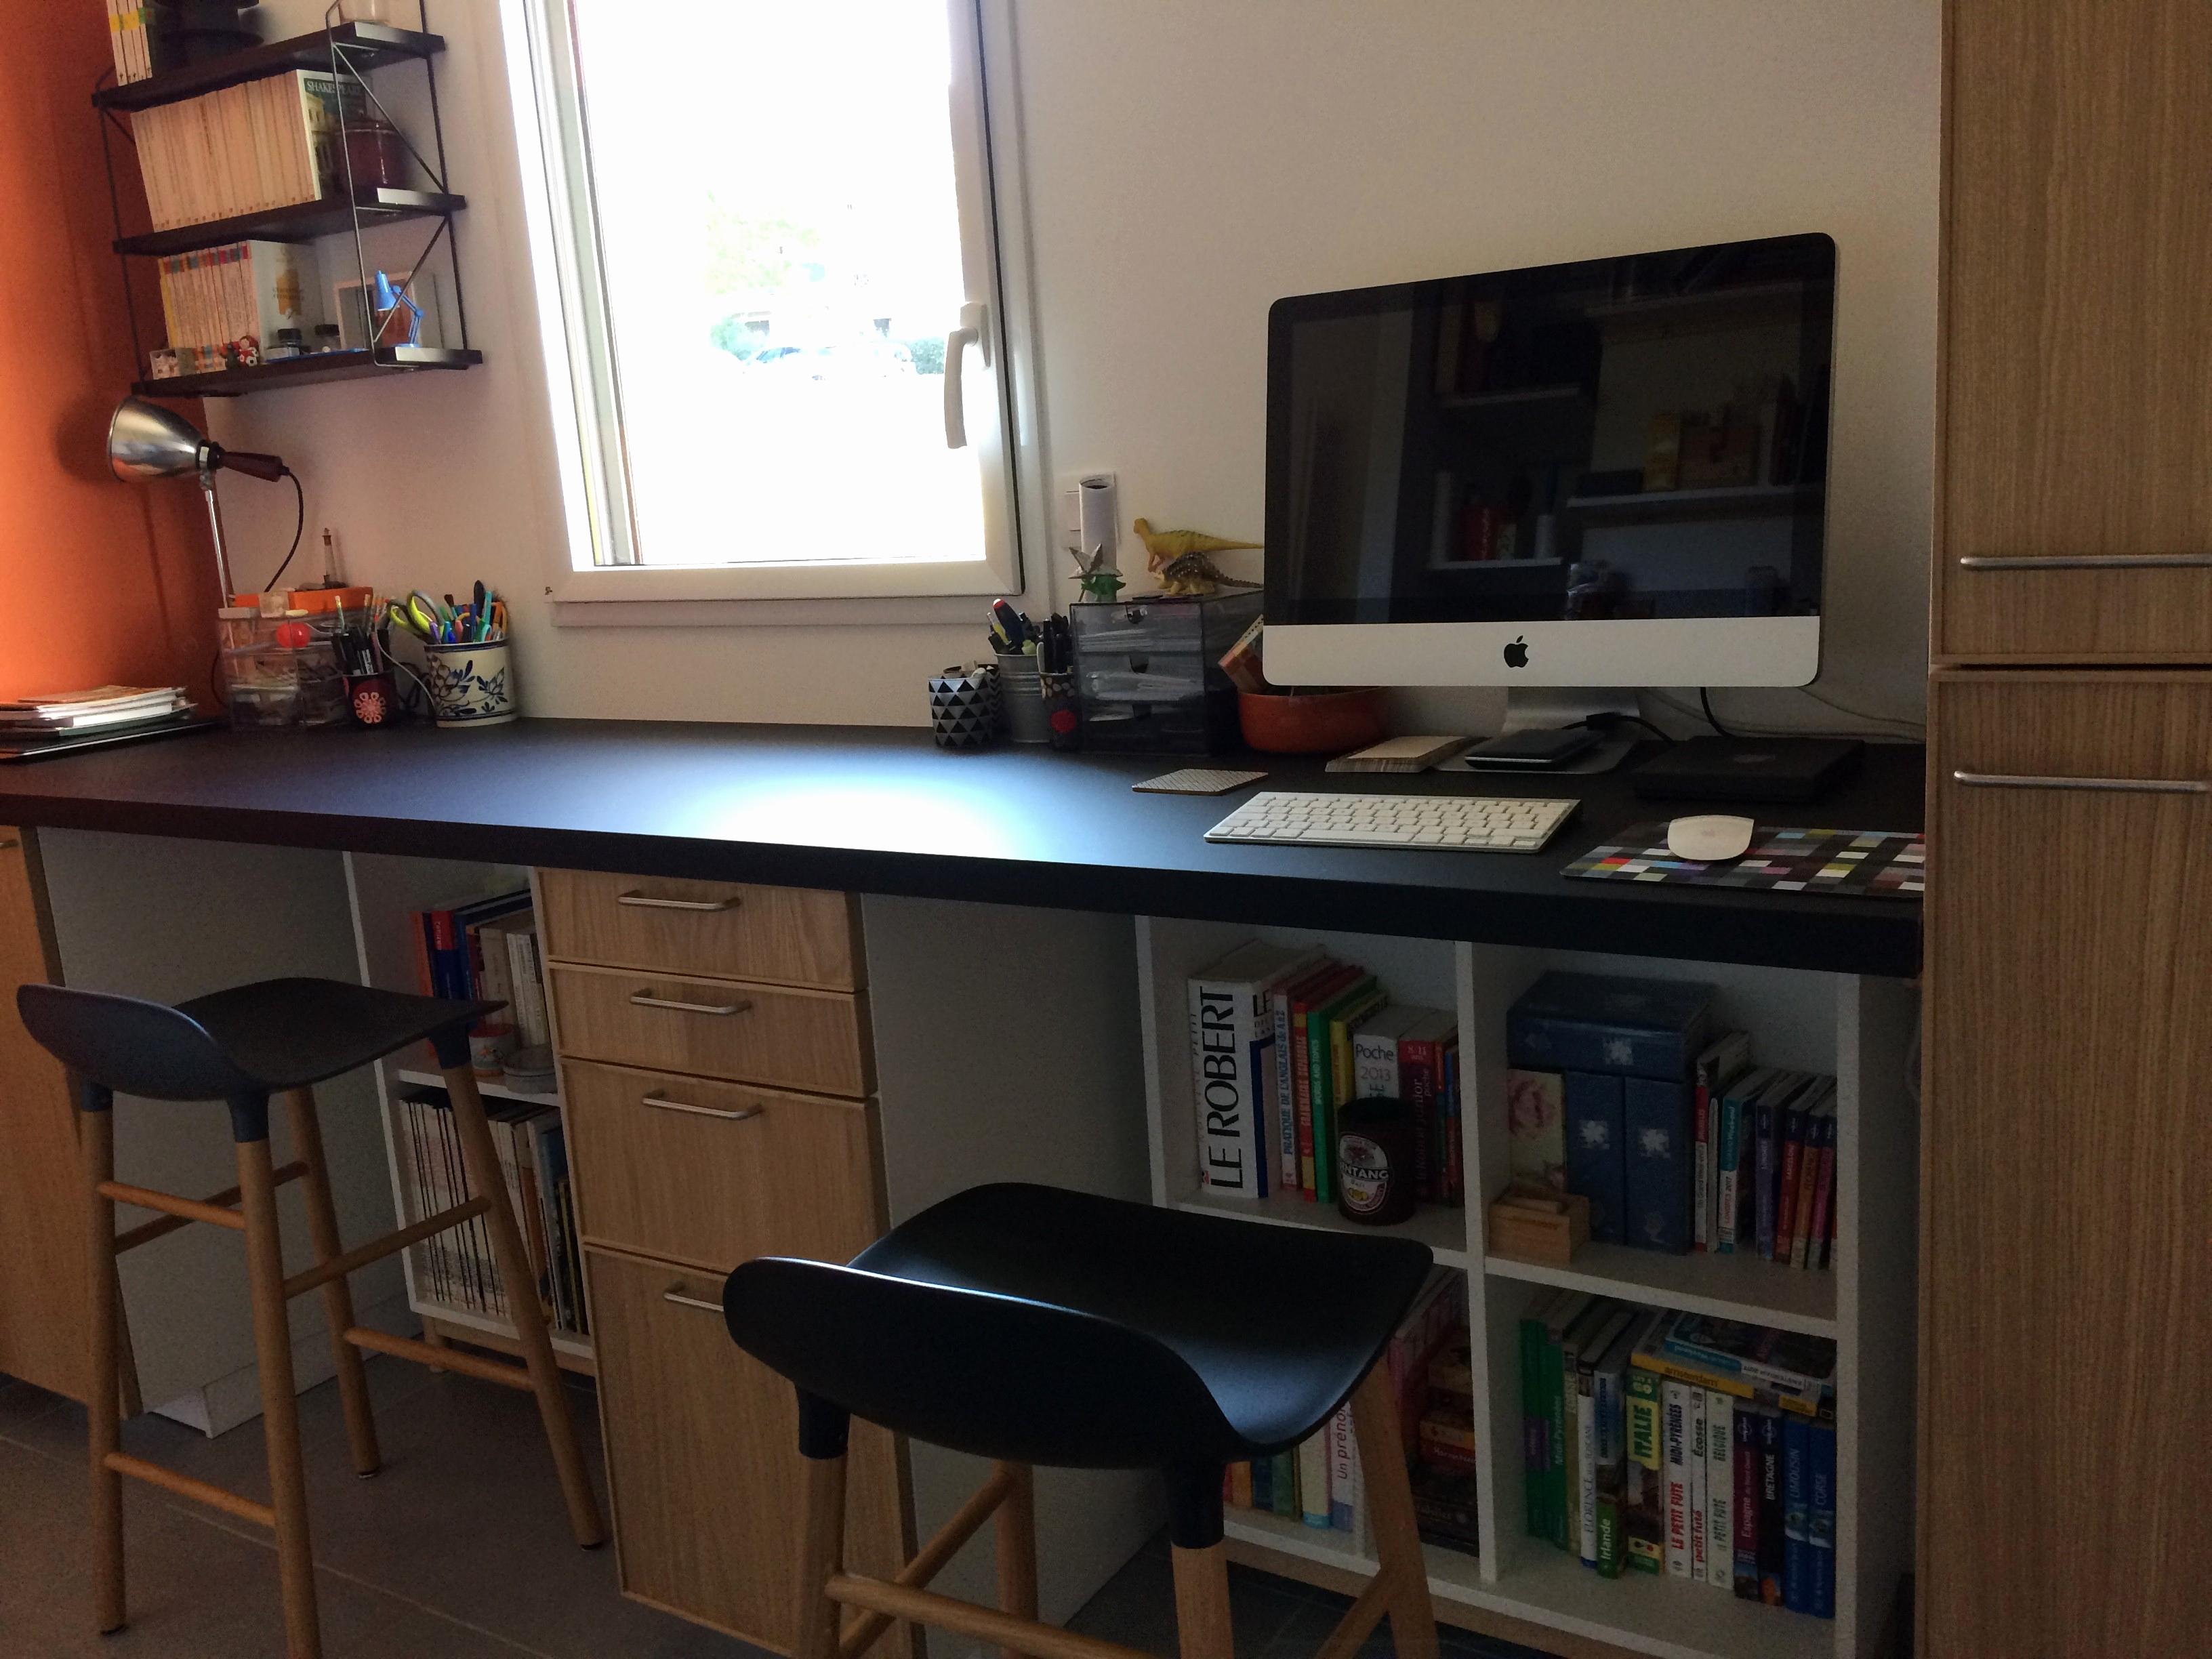 Ikea Bureau Assis Debout Beau 46 Ides Dimages De destiné Revêtement Adhésif Pour Meuble Ikea